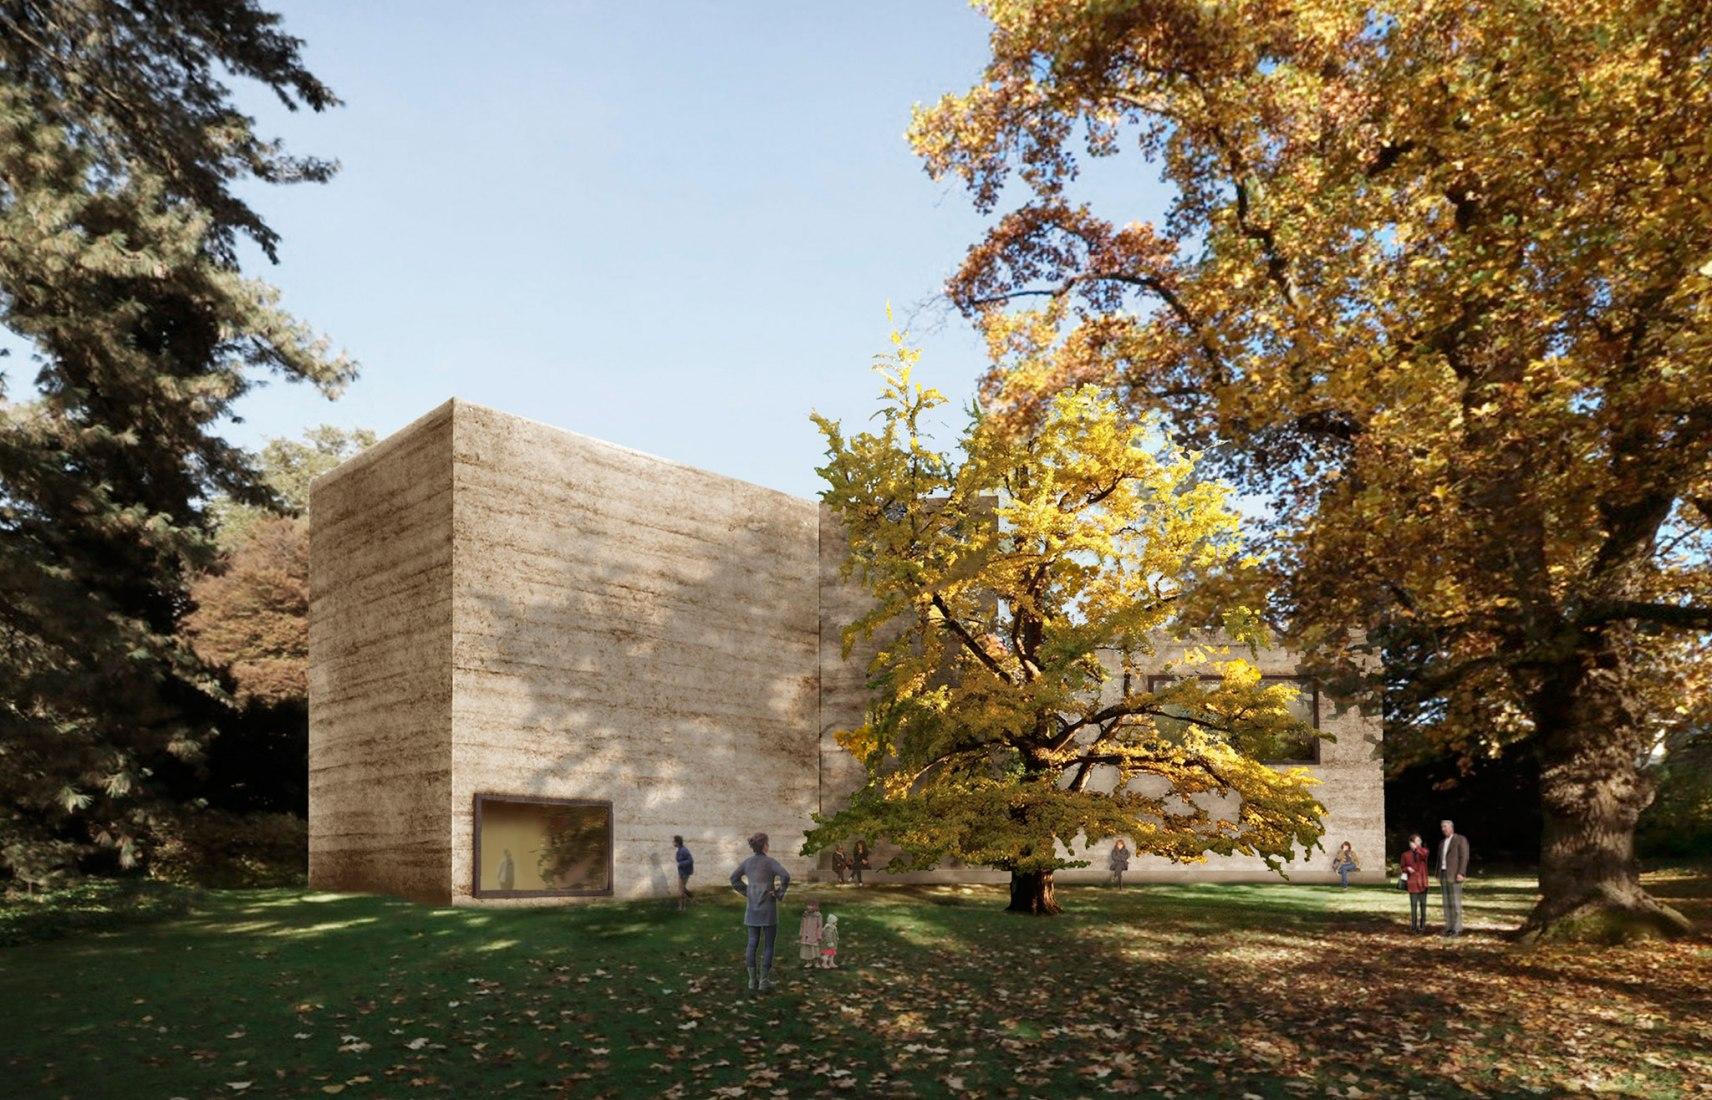 El proyecto de ampliación de la Fundación Beyeler por el Atelier Peter Zumthor Casa de Arte, Vista desde el Parque Iselin-Weber. Cortesía Atelier Peter Zumthor & Partner, a través de la Fundación Beyeler